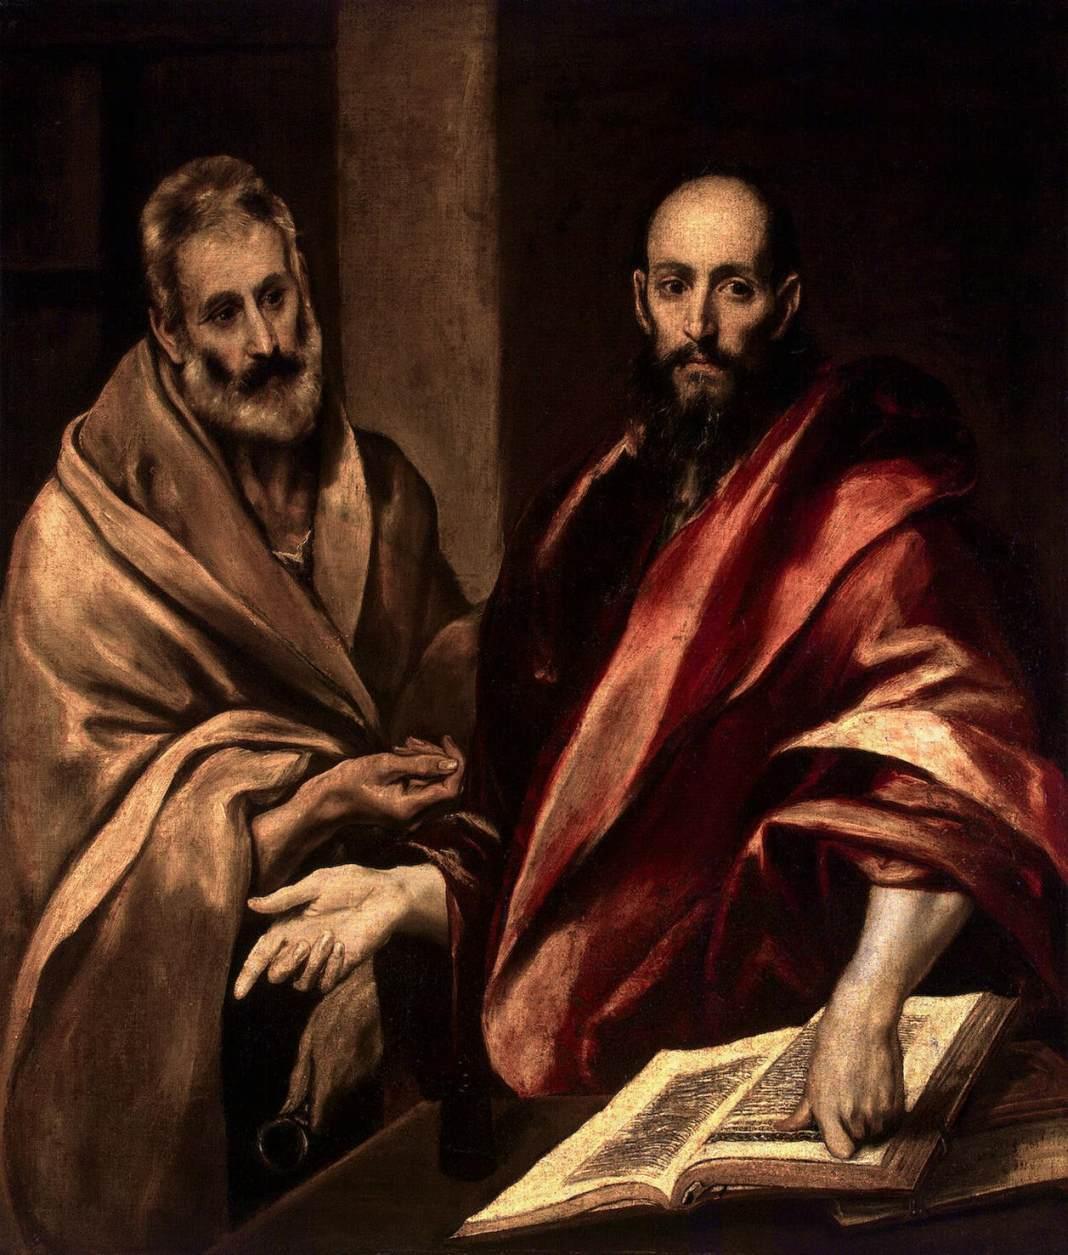 Dwaj uczniowie zakochani w Chrystusie, natchnieni przez Ducha Świętego do spisania ksiąg Pisma Świętego. Oboje dotknięci sposobem życia Mistrza. Co jeszcze o nich wiesz?